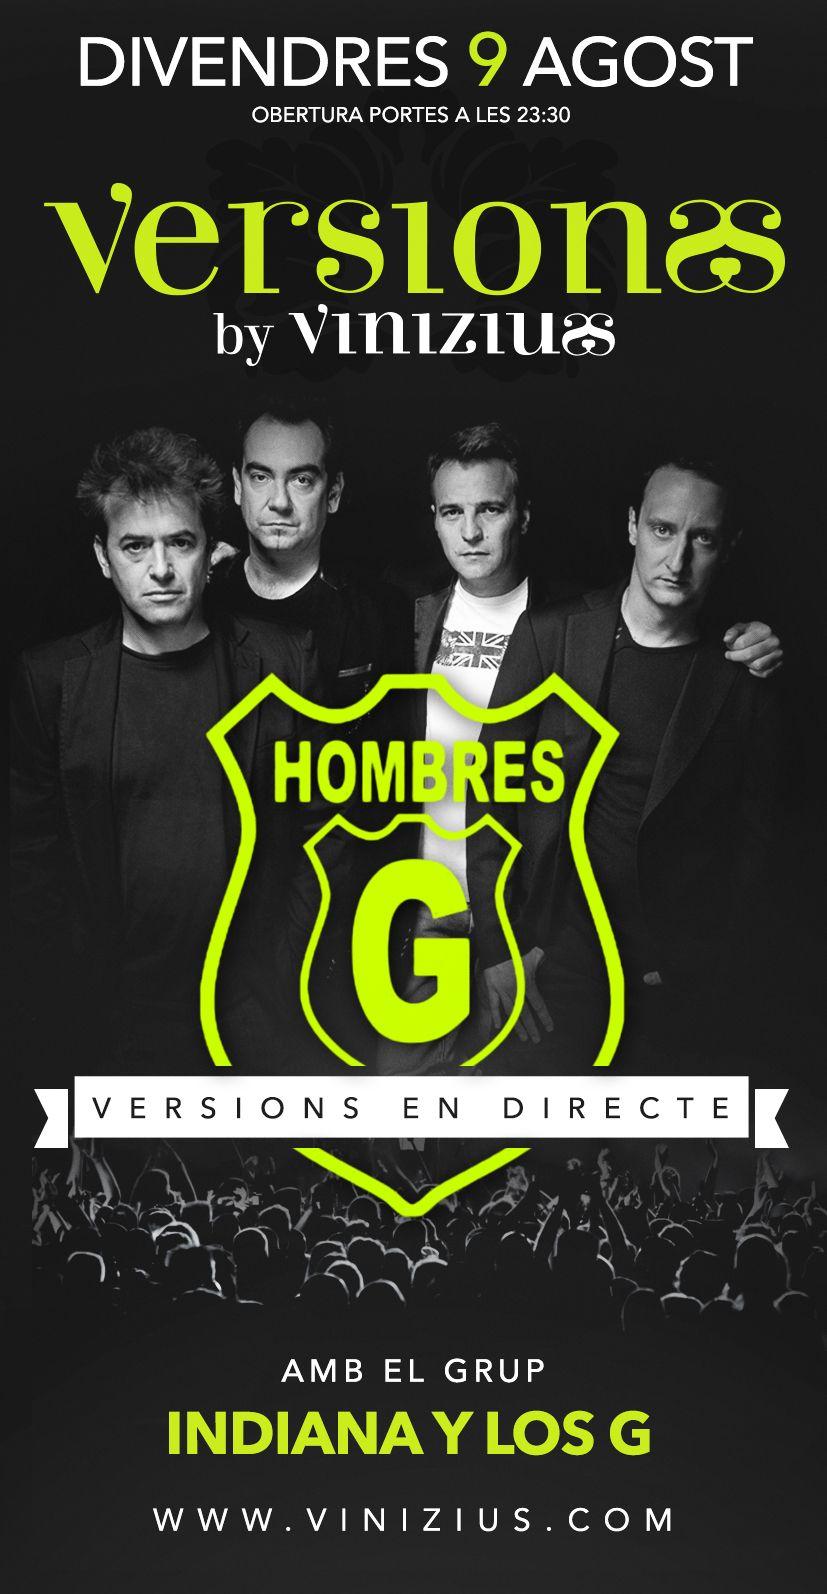 Divendres 9 d'agost, el rock dels anys 80 a Vinizius Mataró!! Tribut a Hombres G amb Indiana y los G!!!